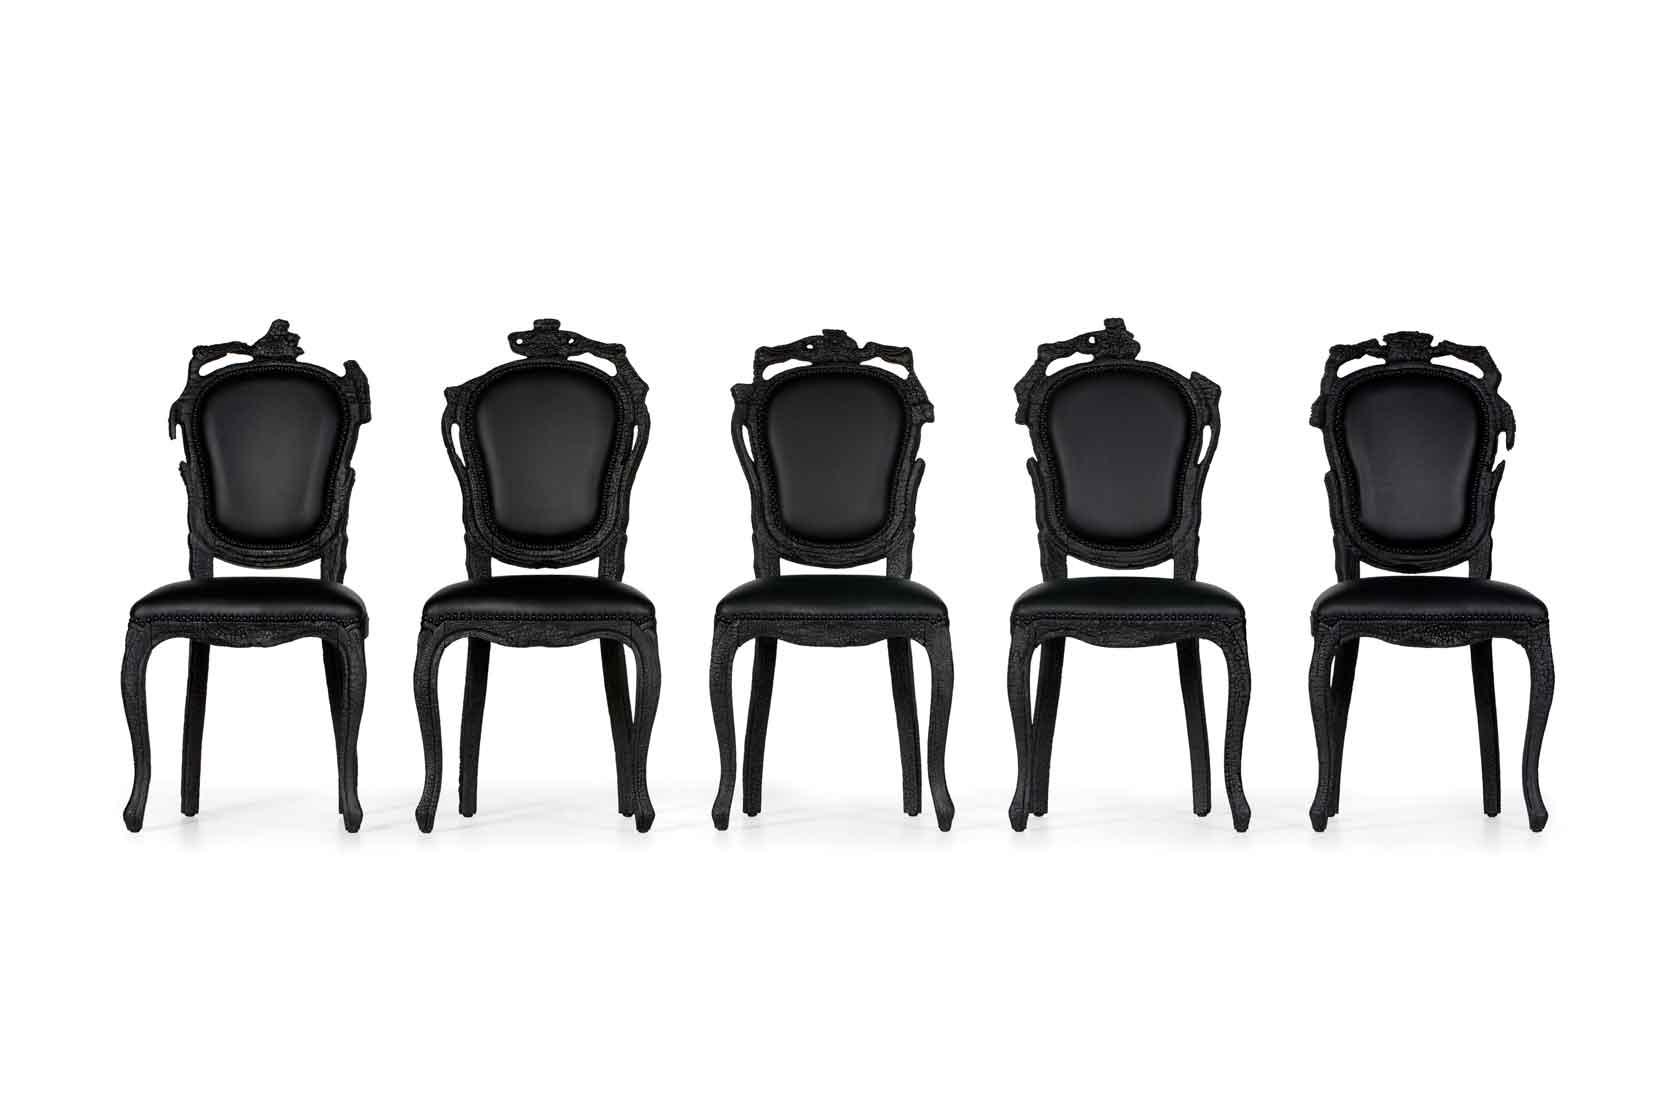 Fünf schwarze, gepolsterte Stühle von Moooi in einer Reihe